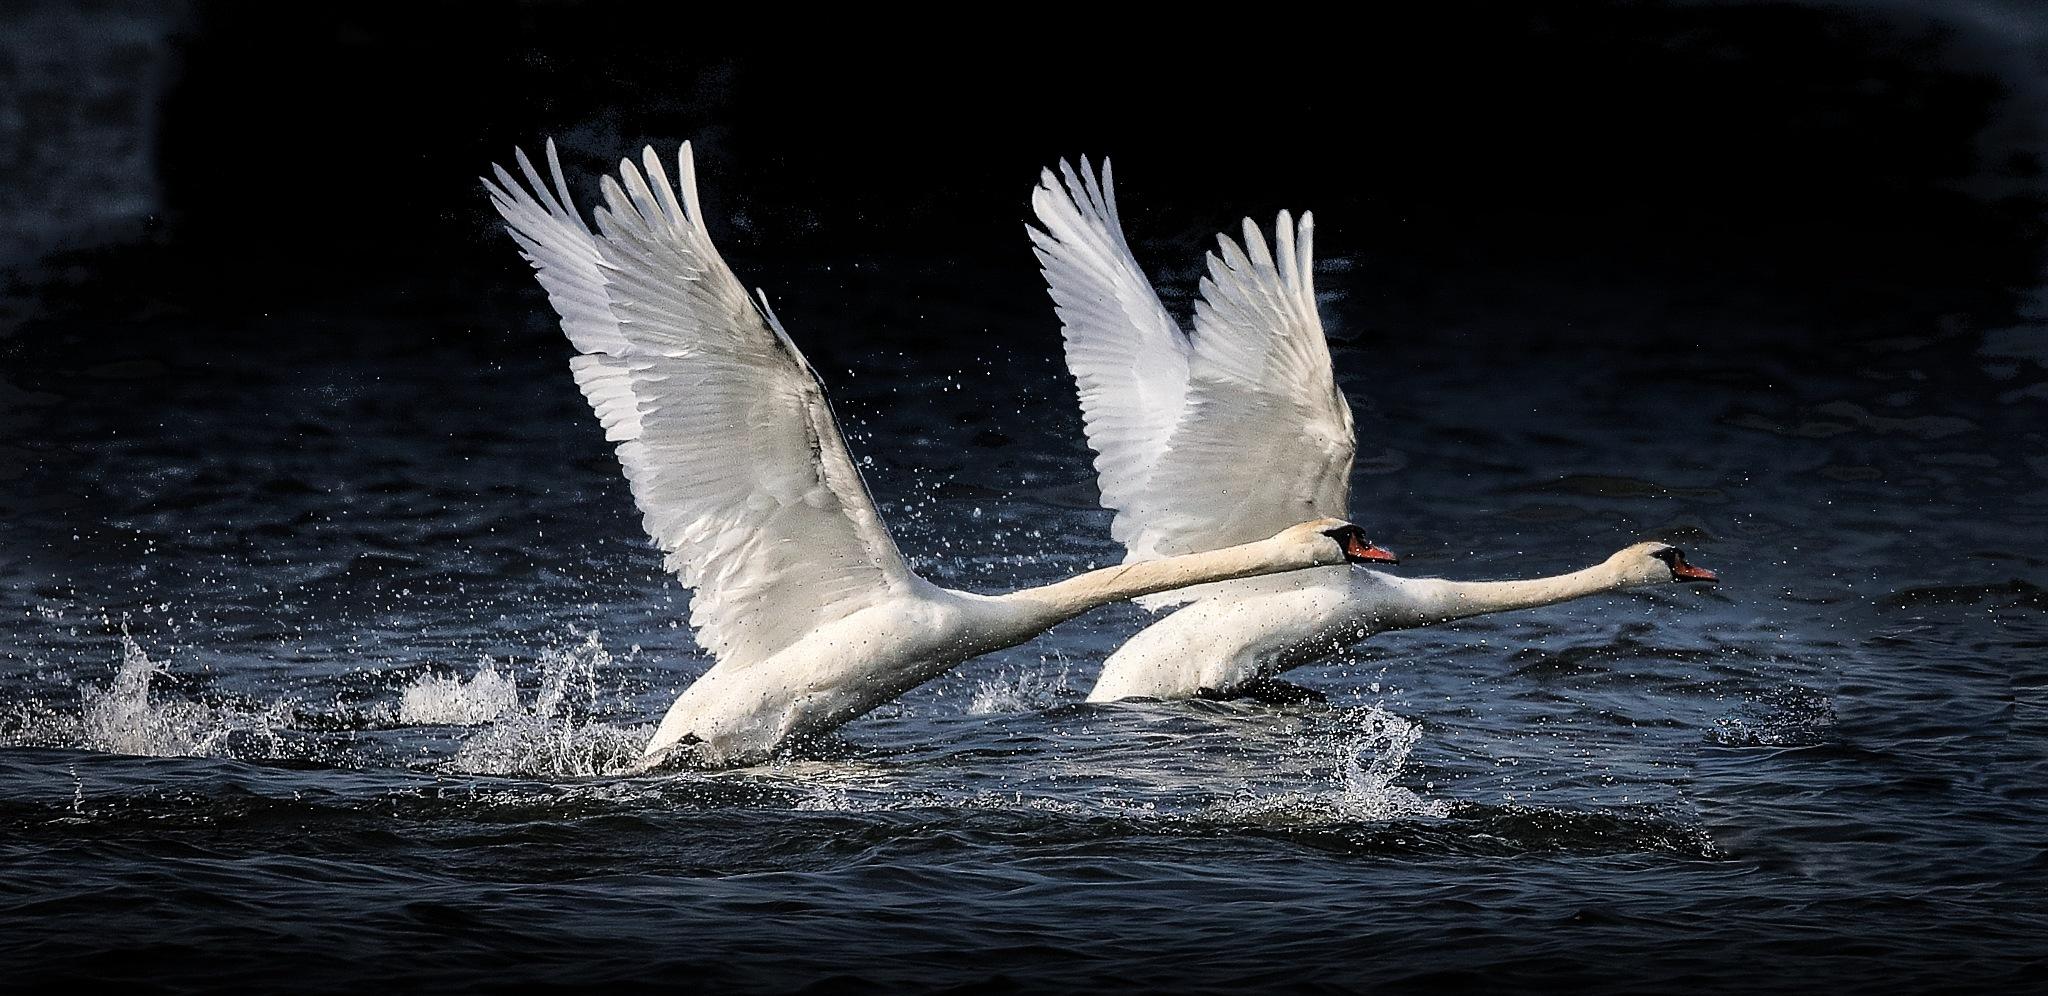 Mute swans by Janaka